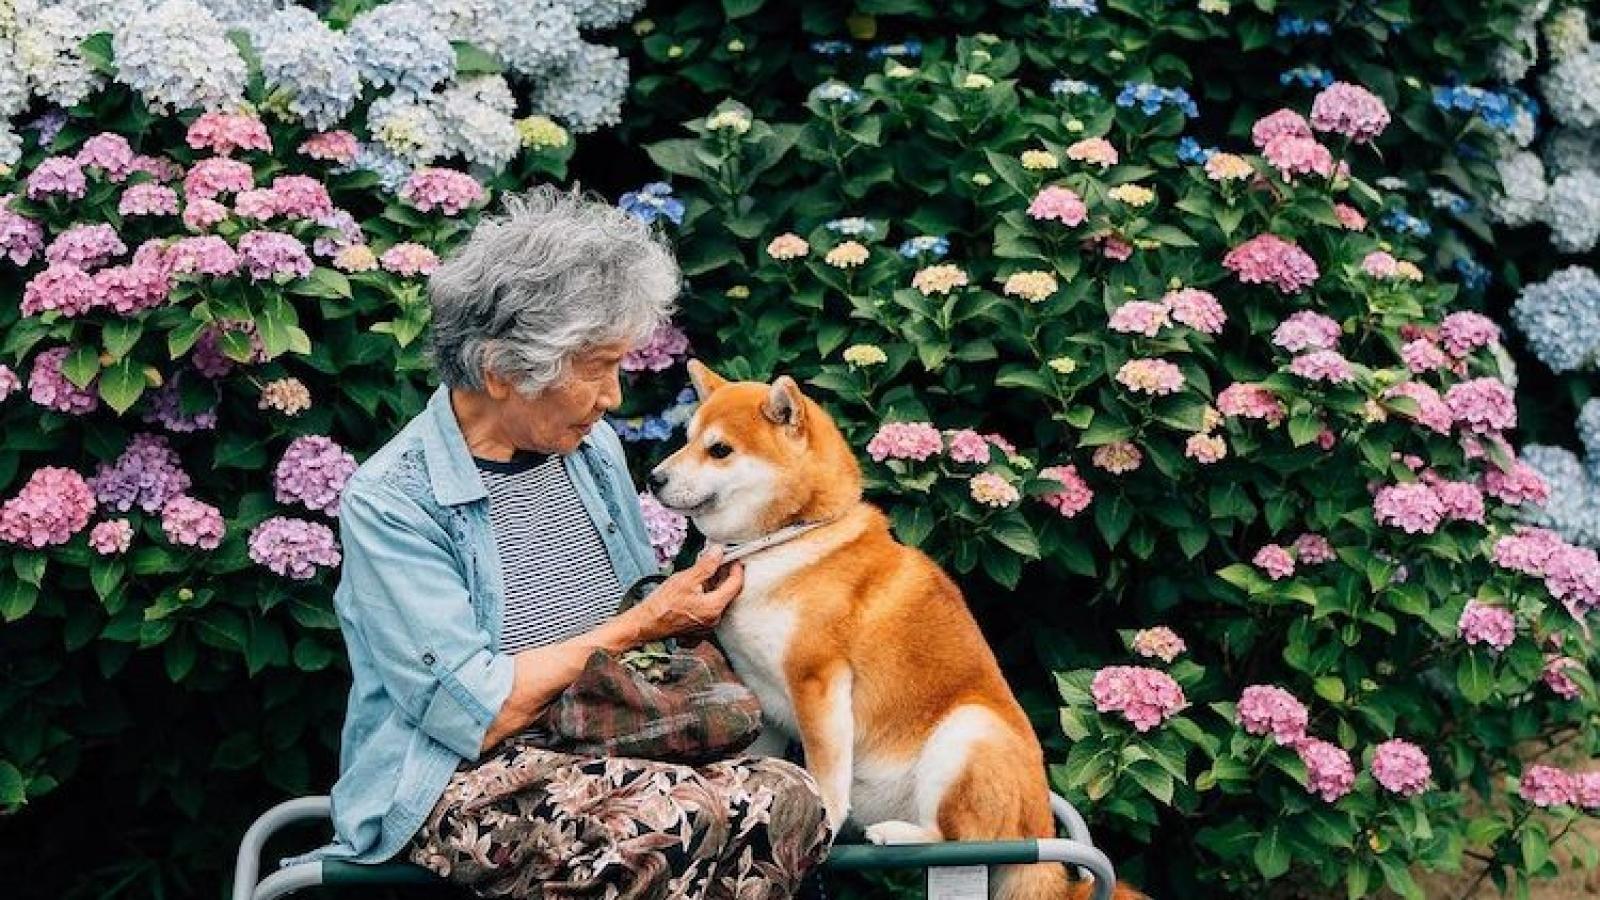 Bộ ảnh đẹp đến nao lòng về người bà và chú chó cưng